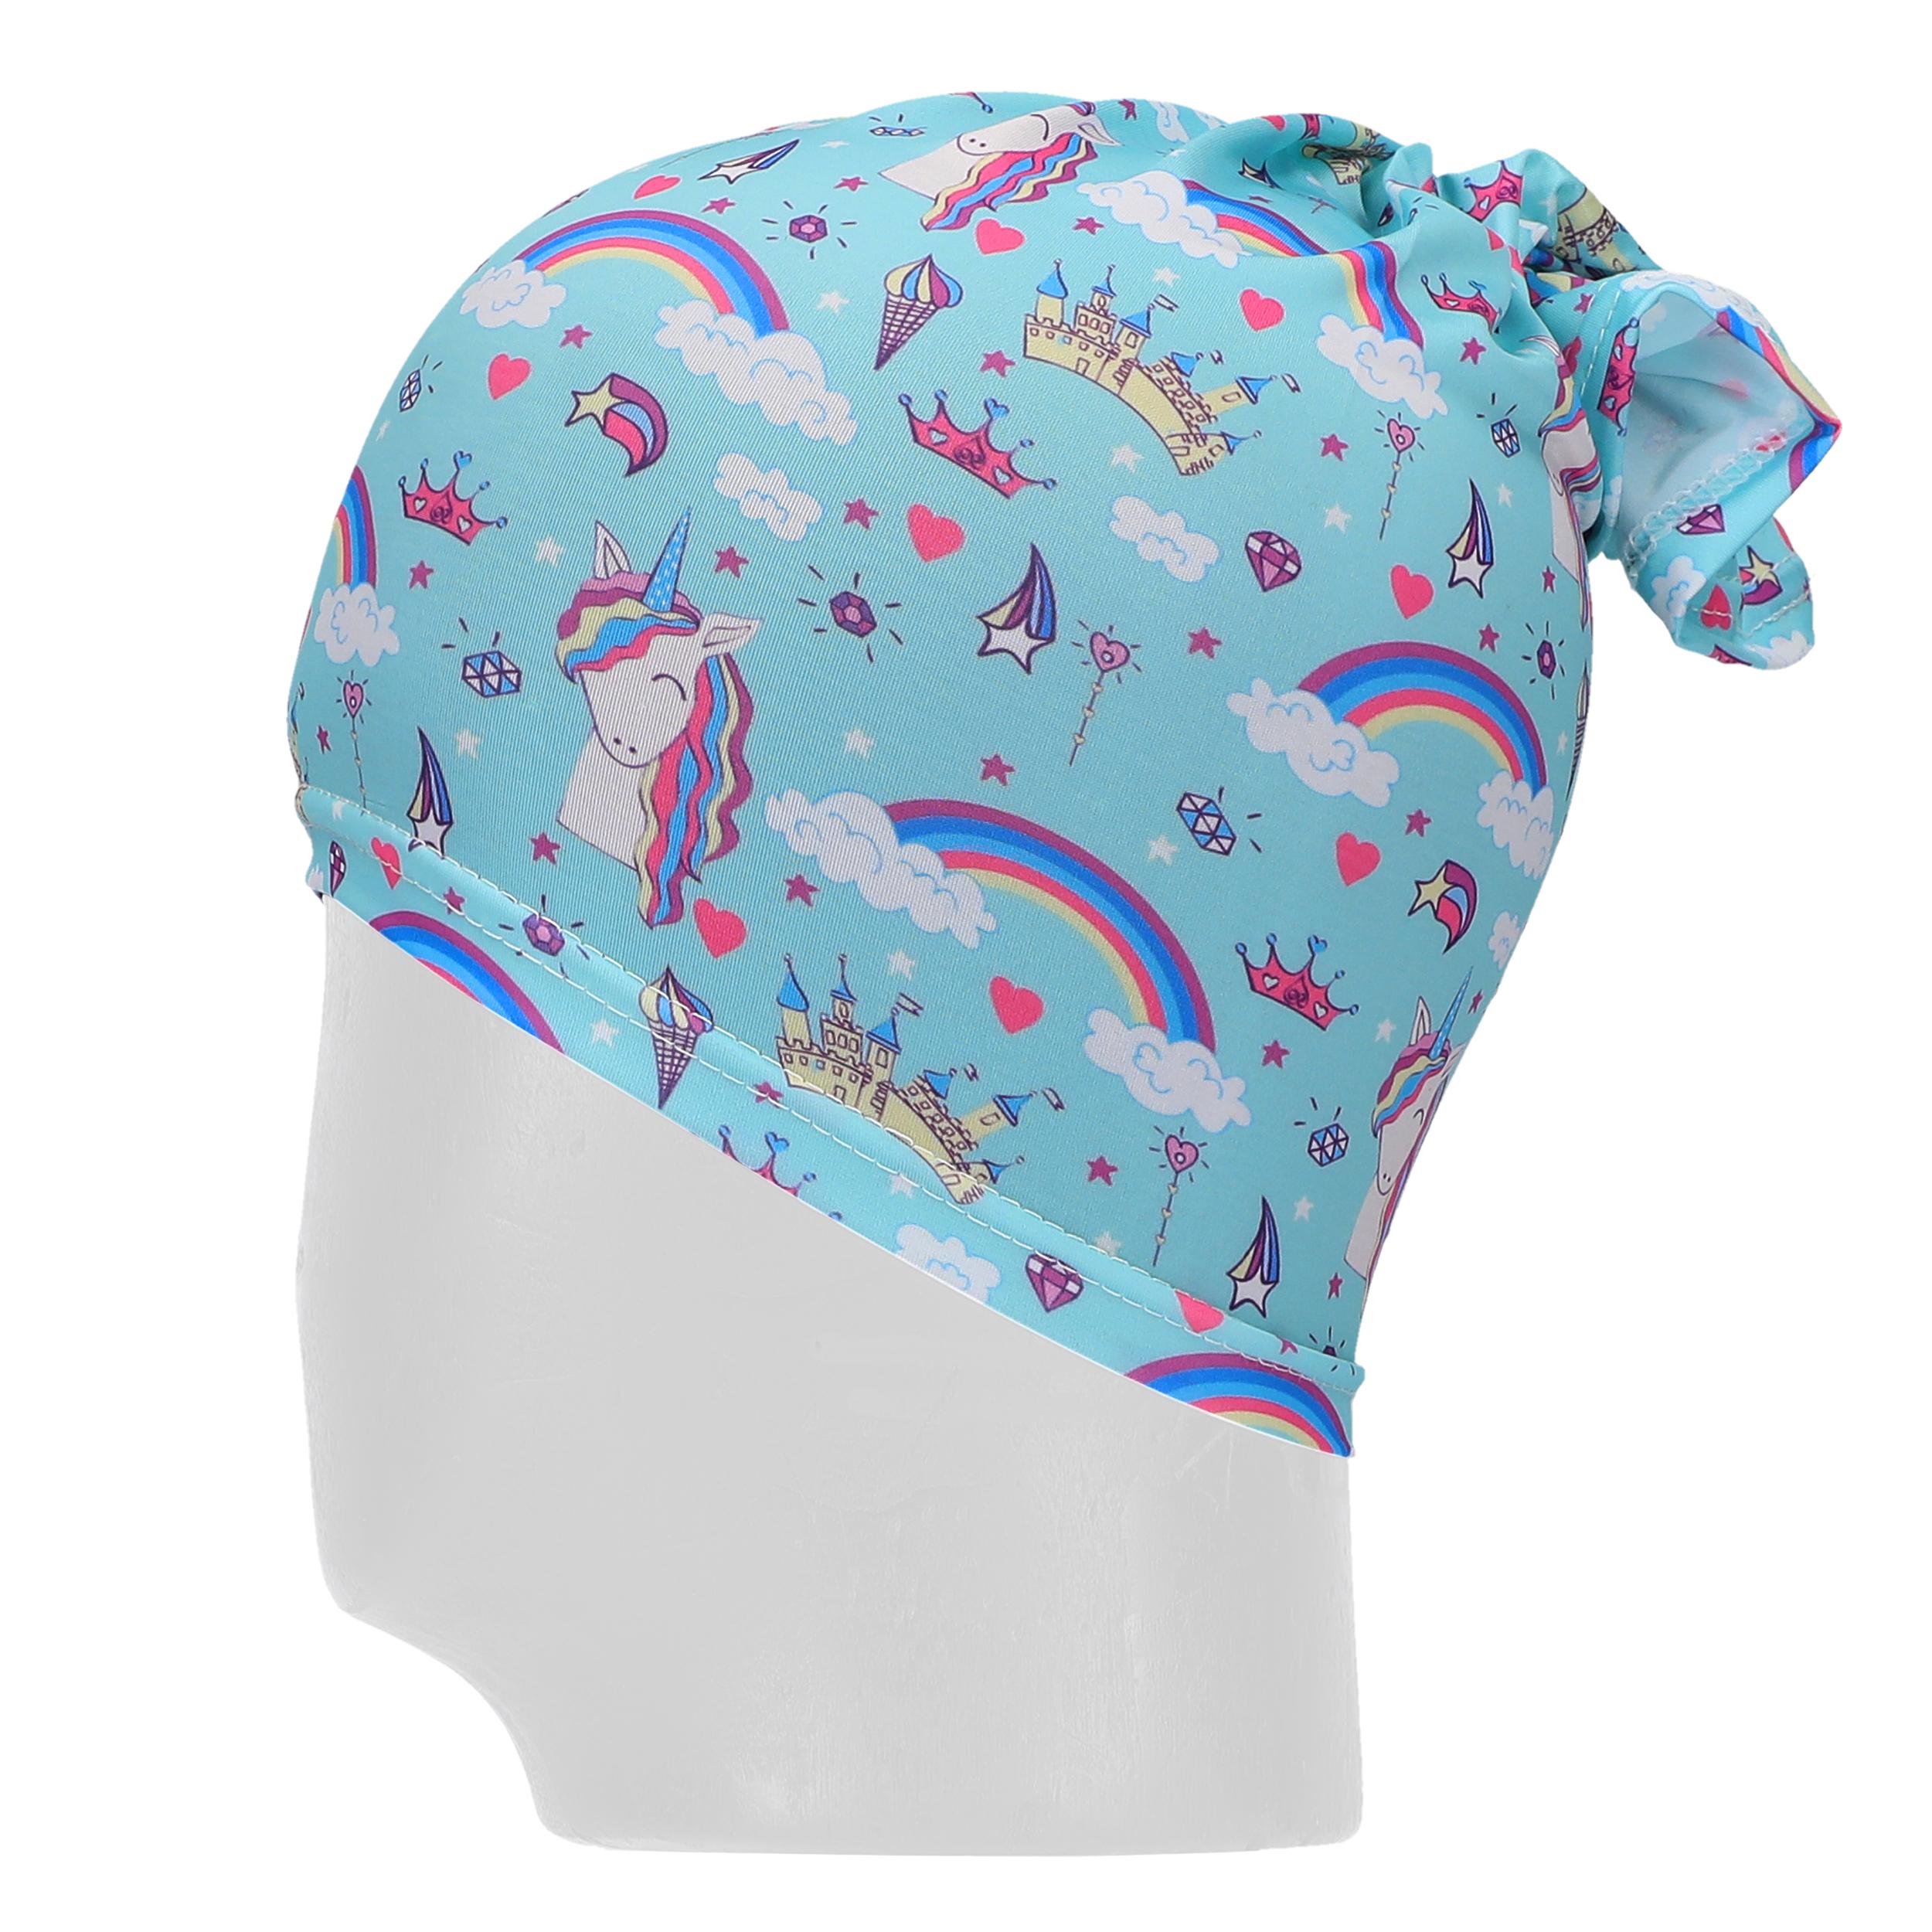 Indexbild 103 - Kinder Schlauchschal Maske Gesichtsmaske Mund Nase Bedeckung Halstuch waschbar